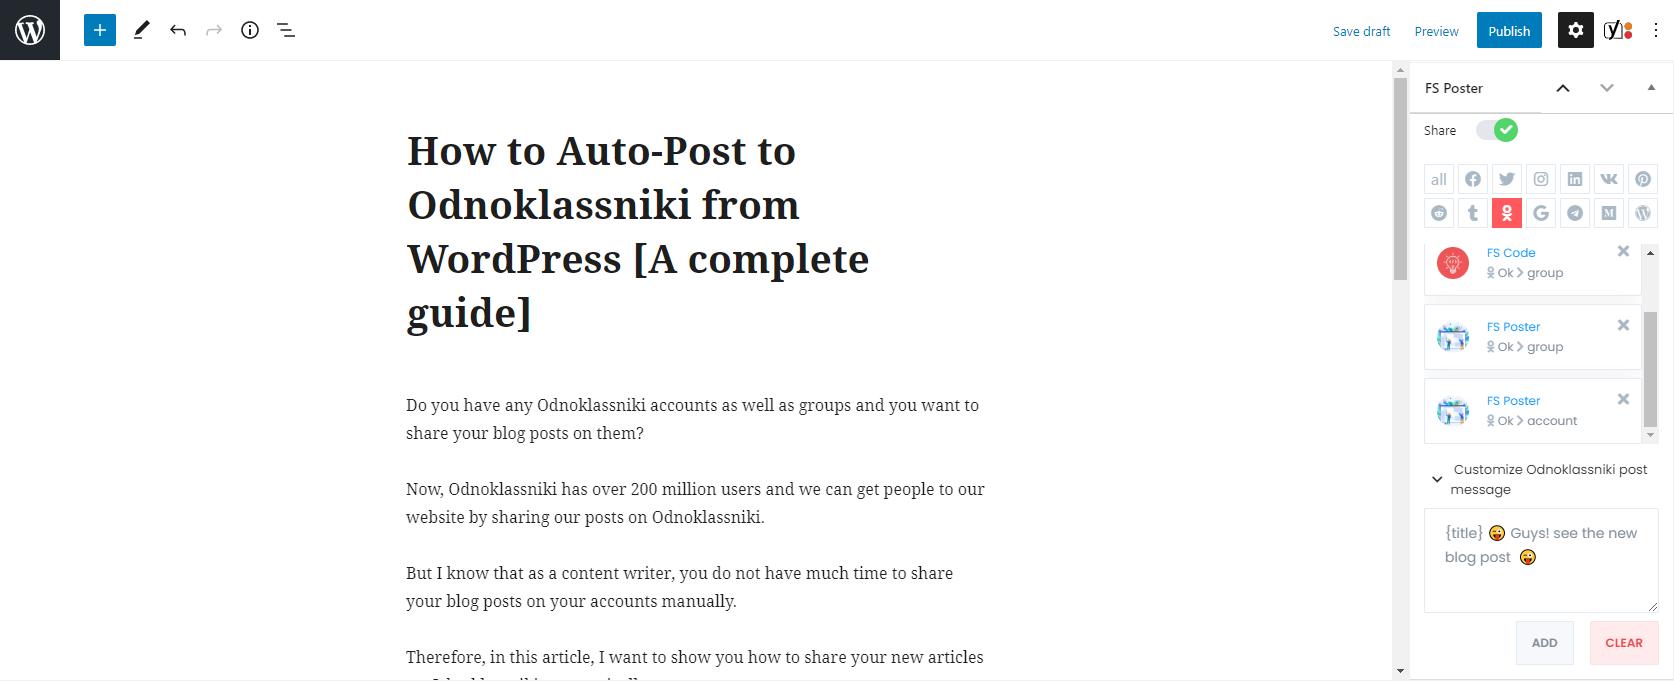 How to Auto-Post to Odnoklassniki from WordPress